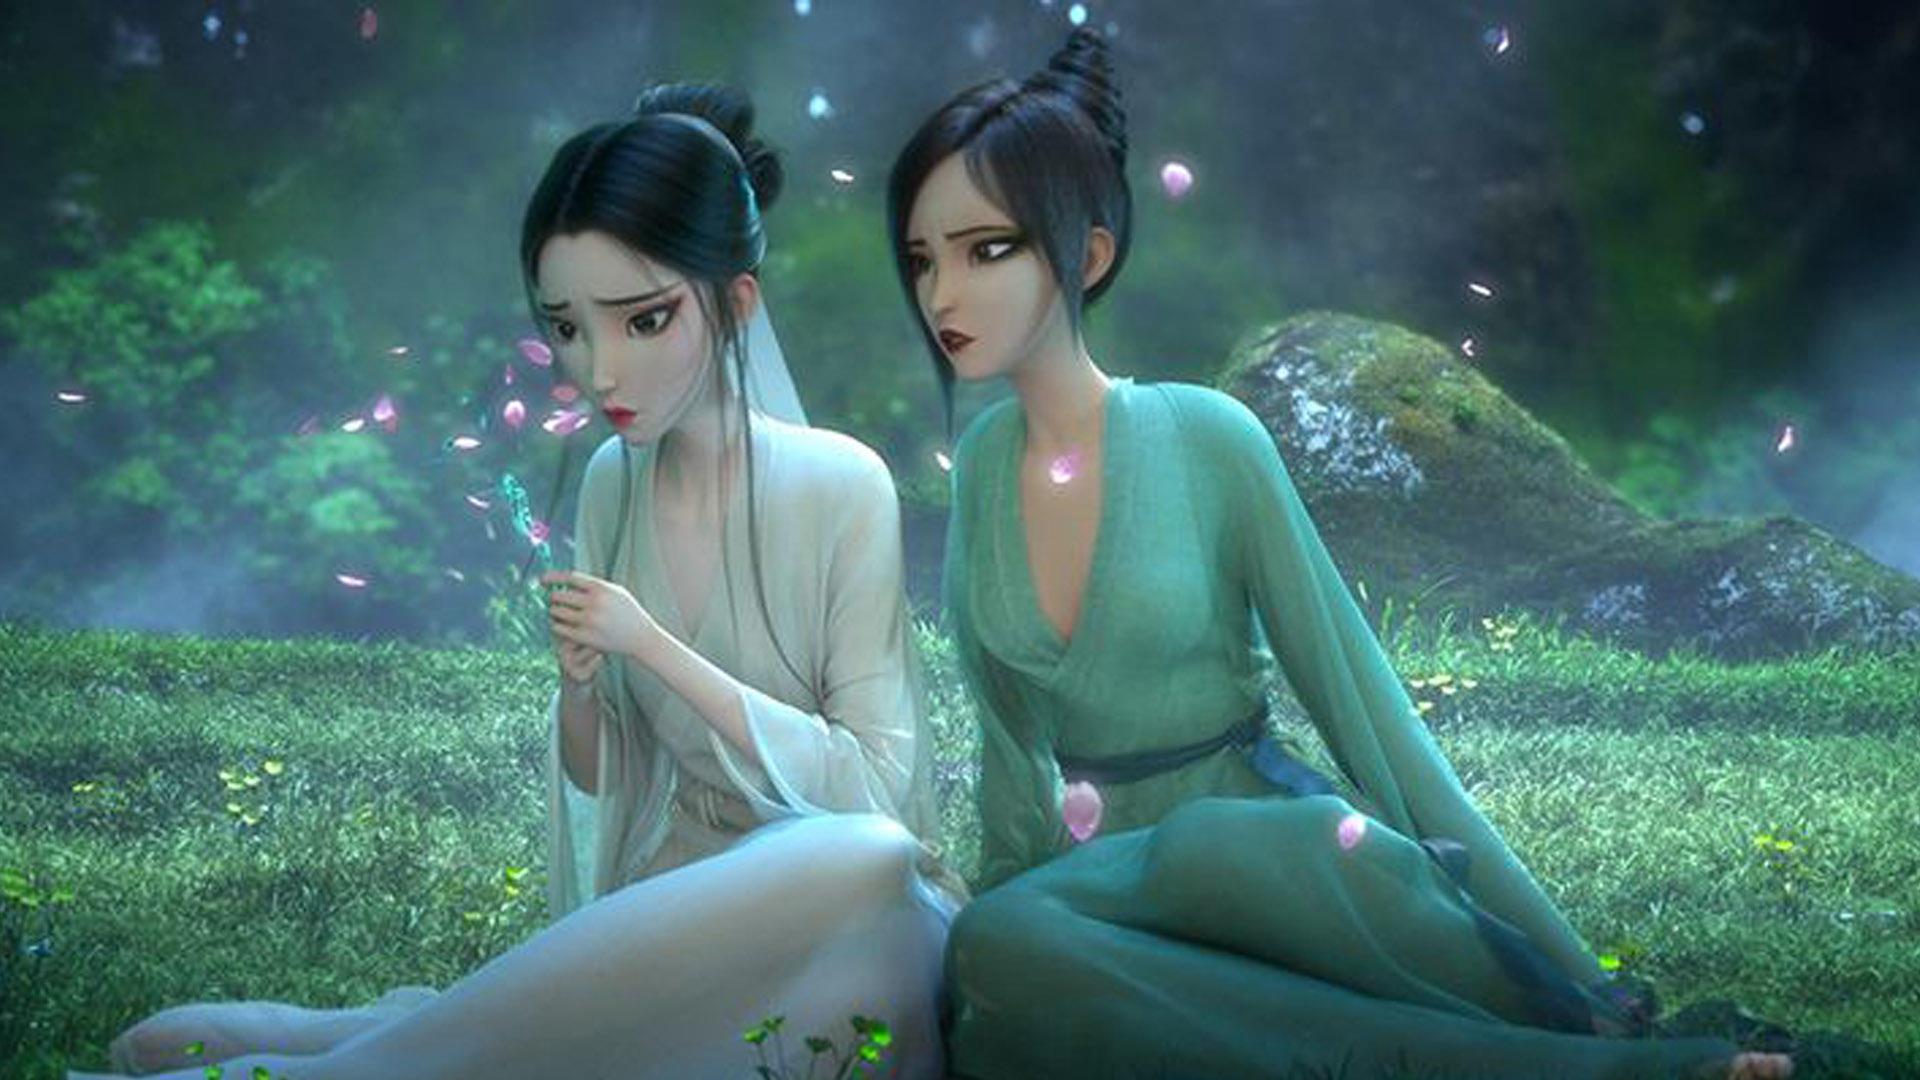 #电影新鲜事#《白蛇缘起》上映在即,白素贞许仙的前世纠葛实在太虐